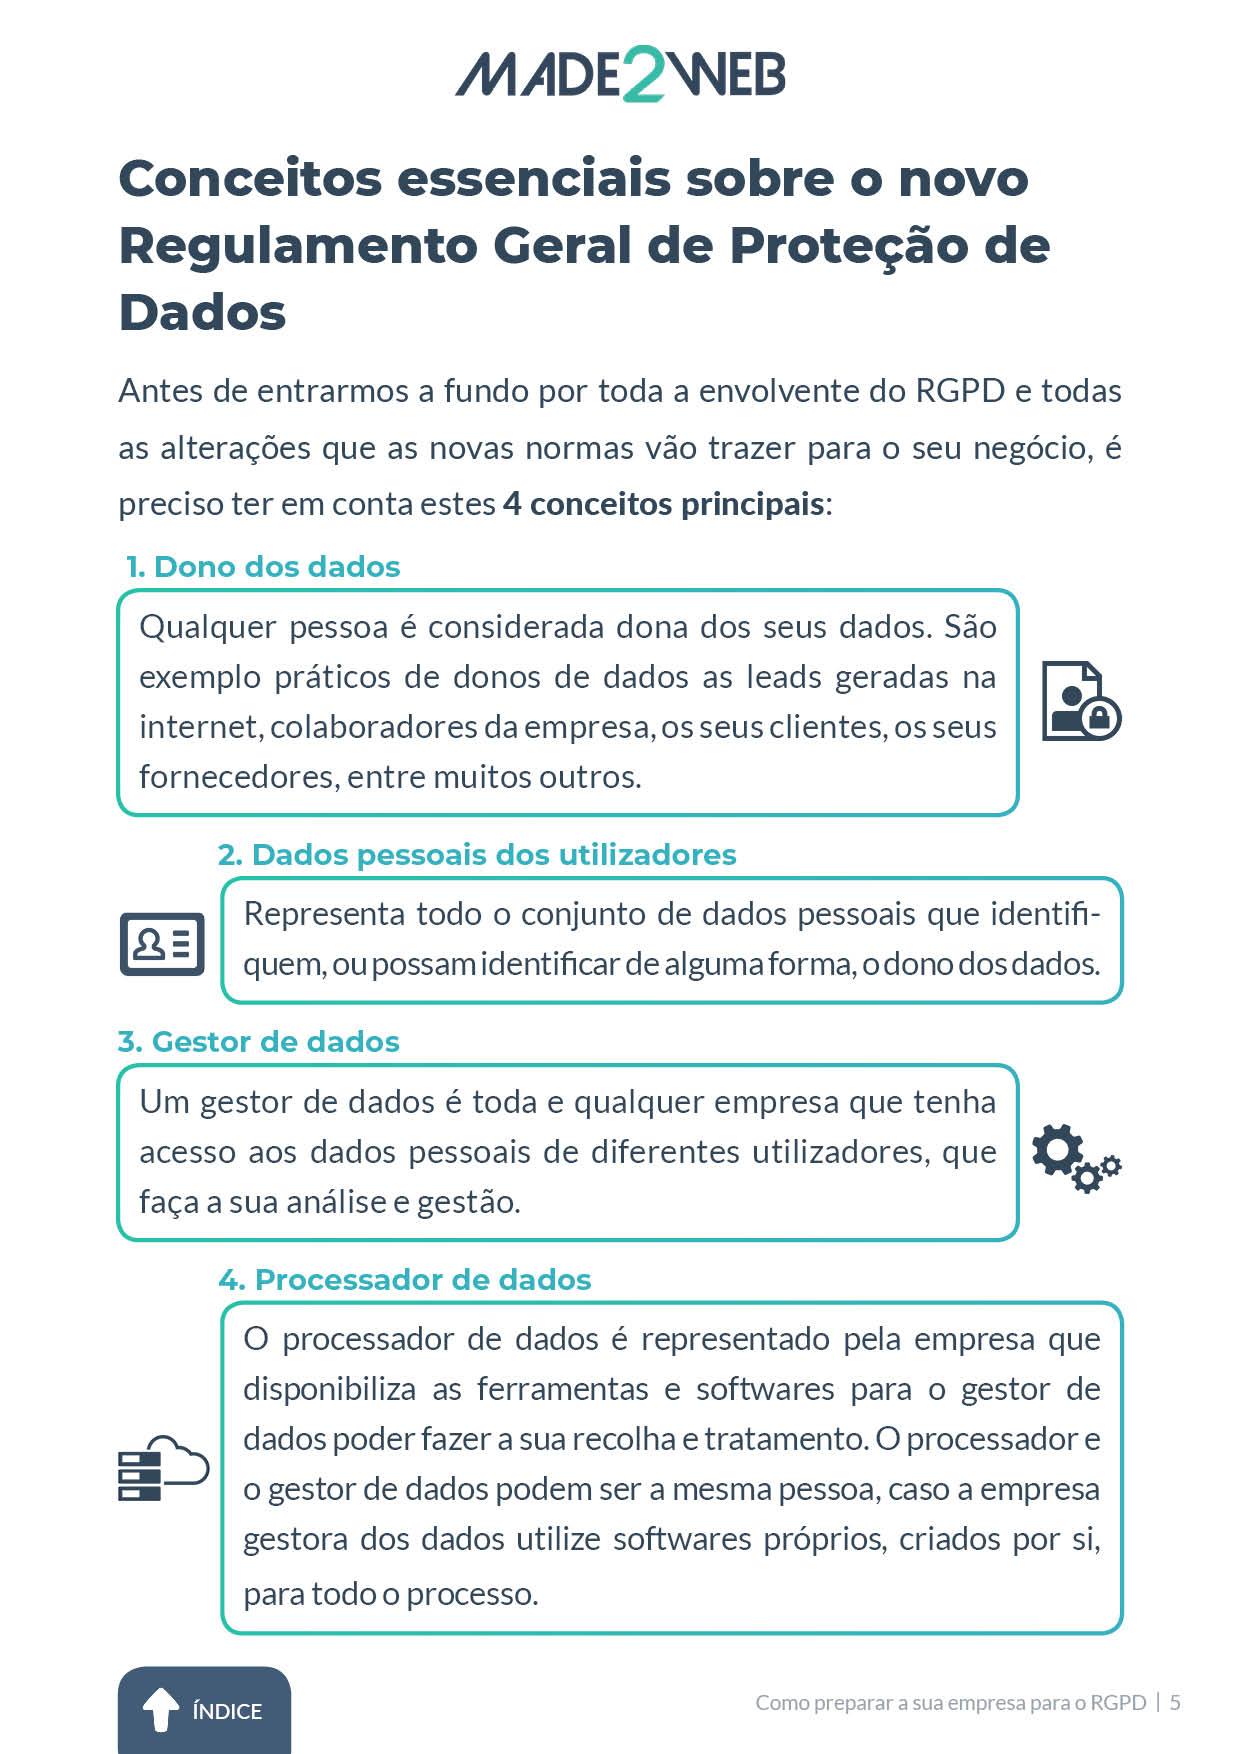 Ebook - Como Preparar a sua Empresa para o RGPD - preview4